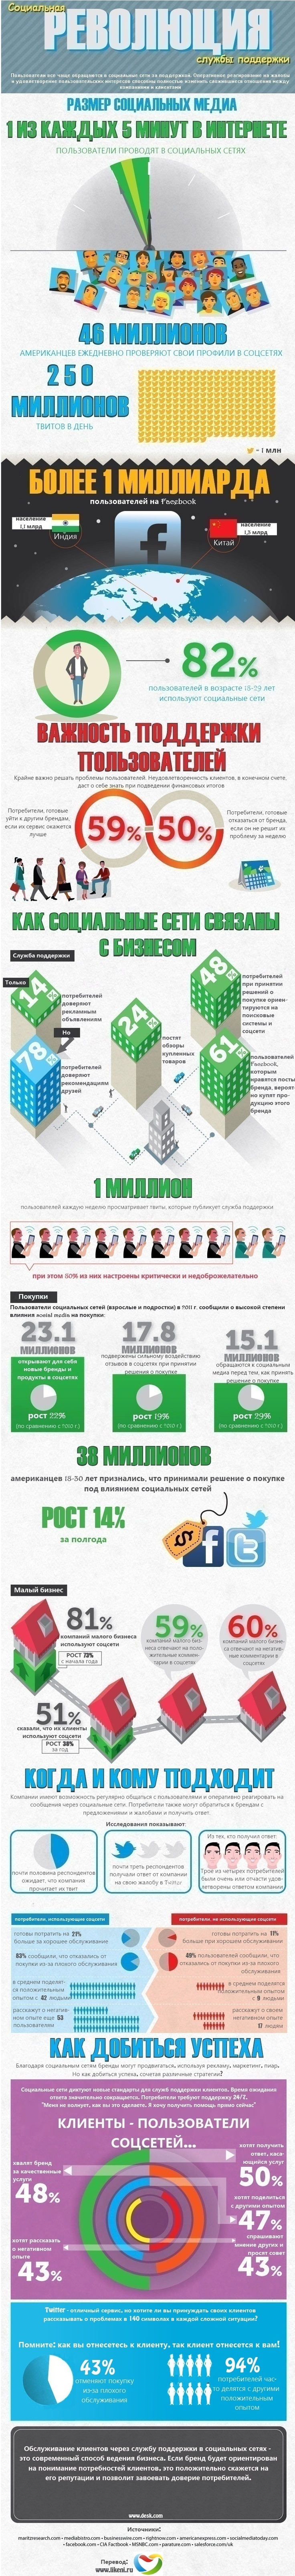 Инфографика: эра поддержки в социальных сетях